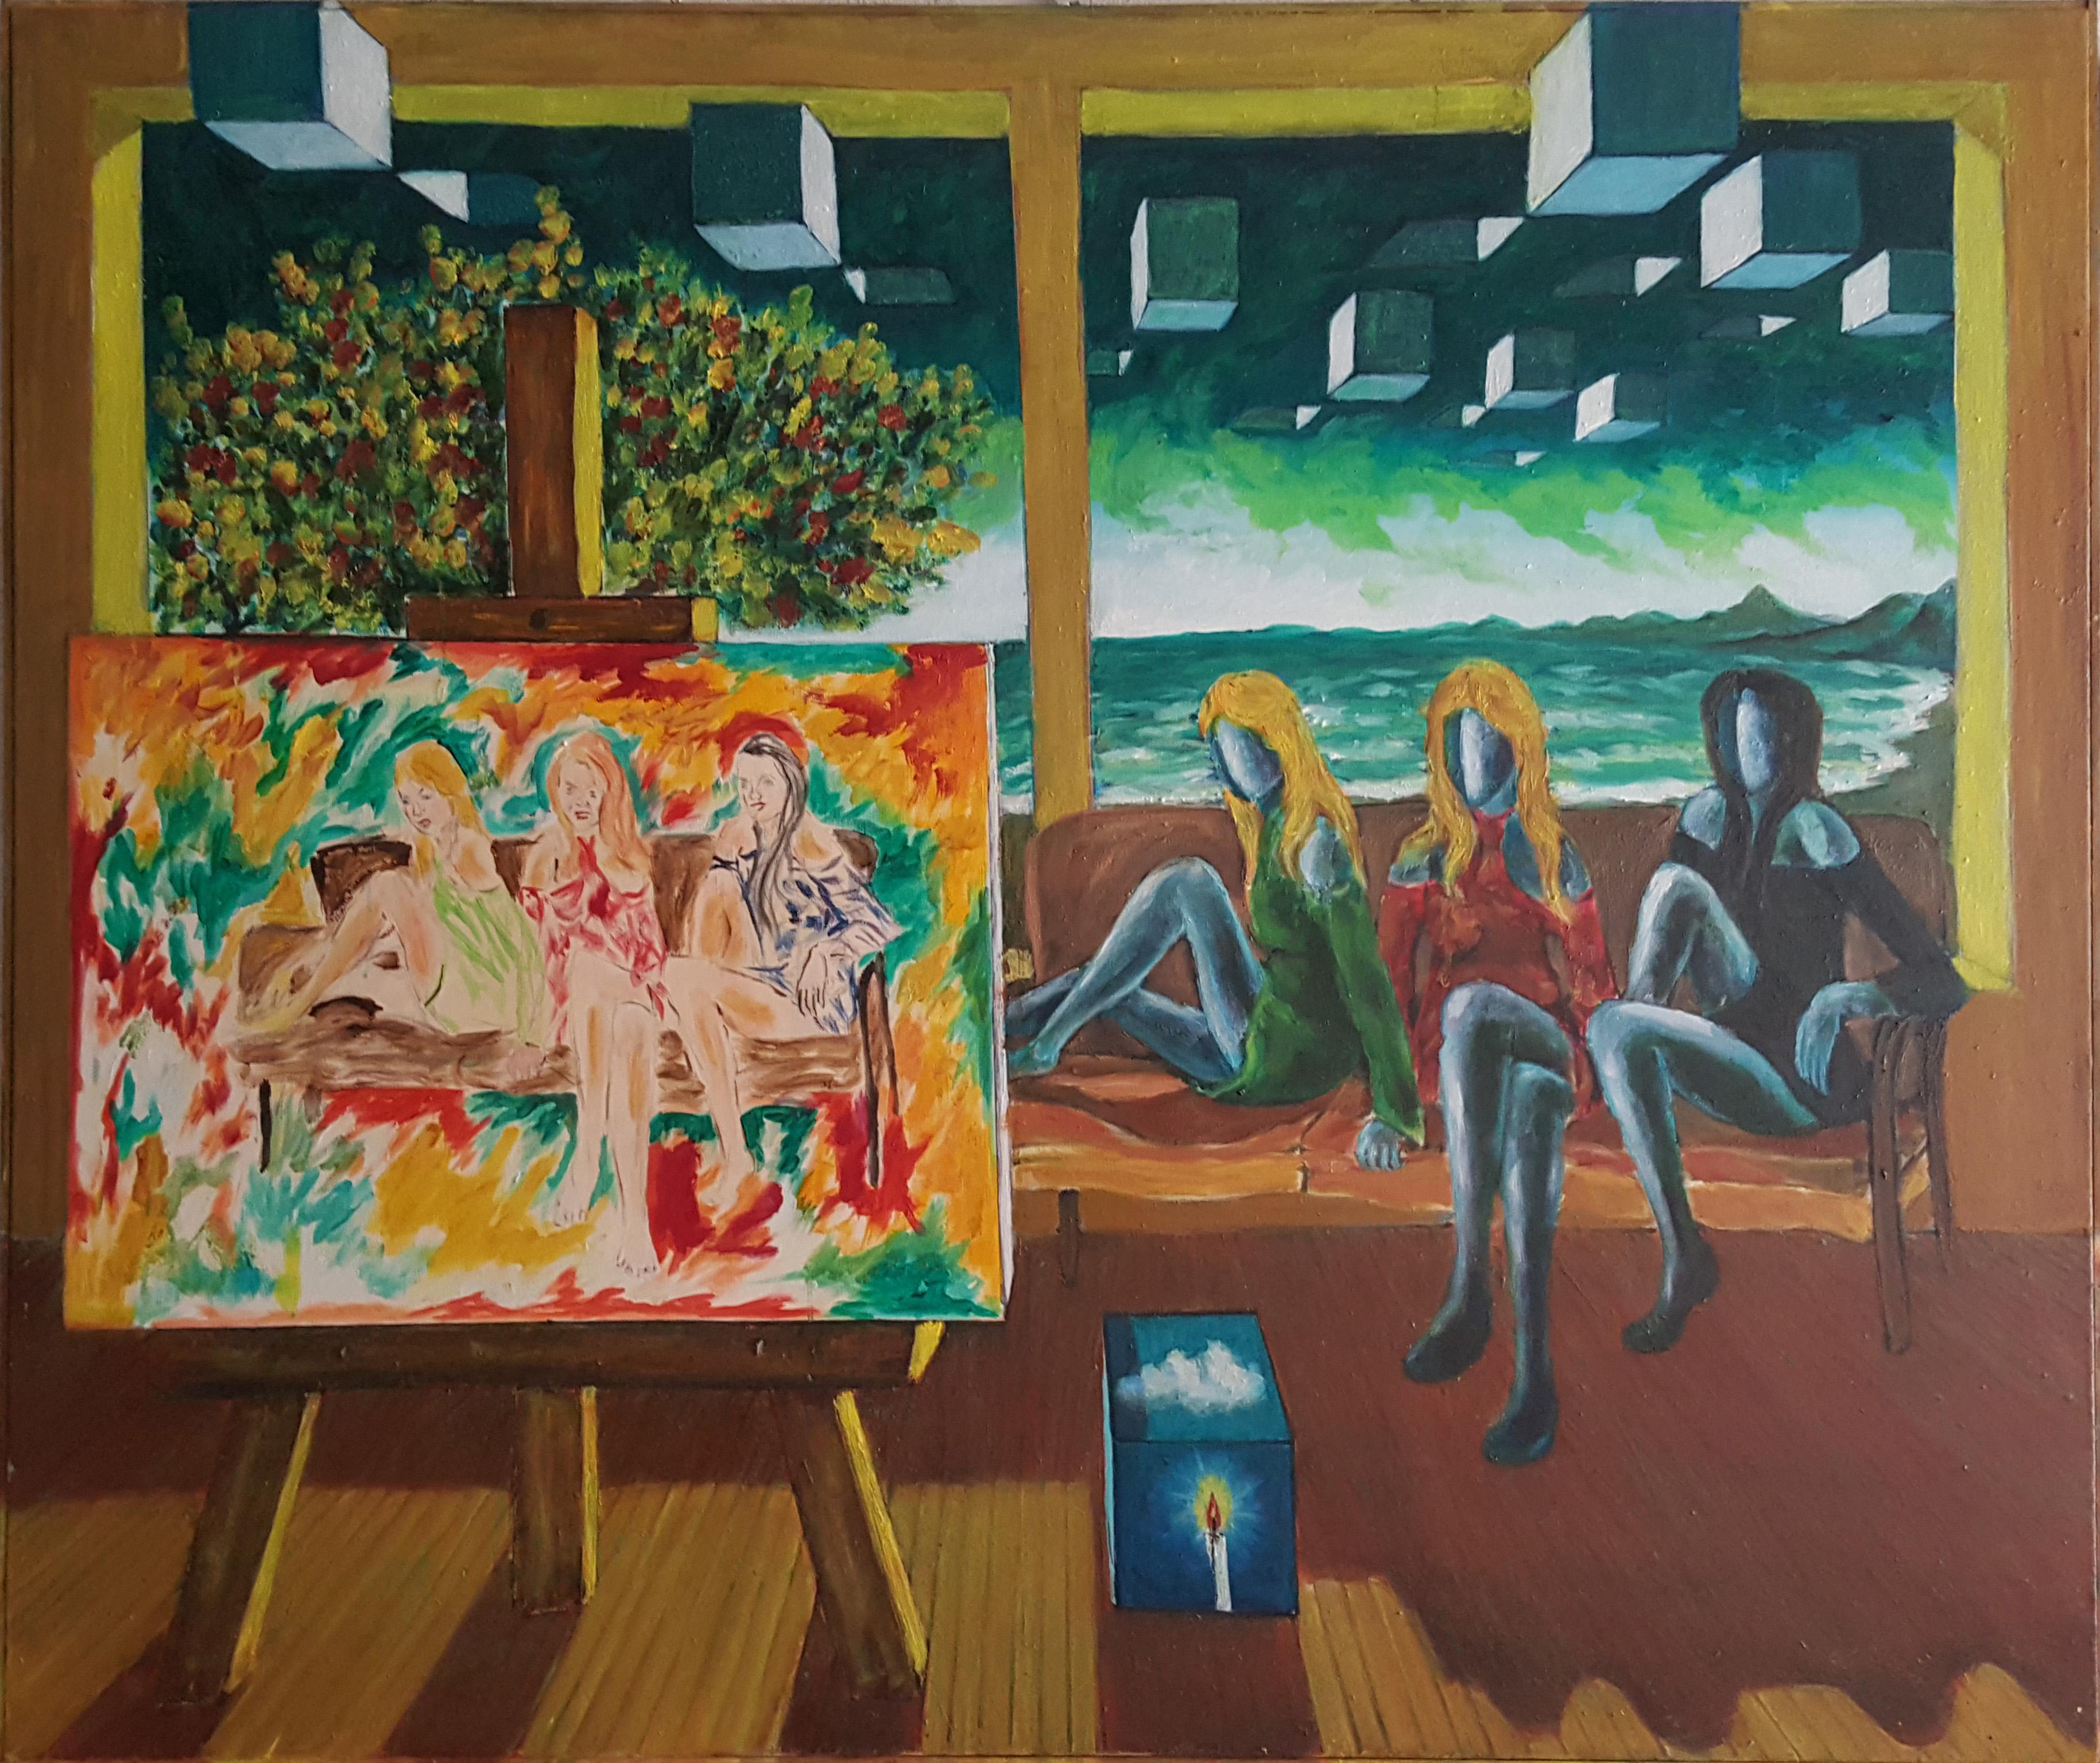 David Larry Neddini – Le ragazze del pittore povero